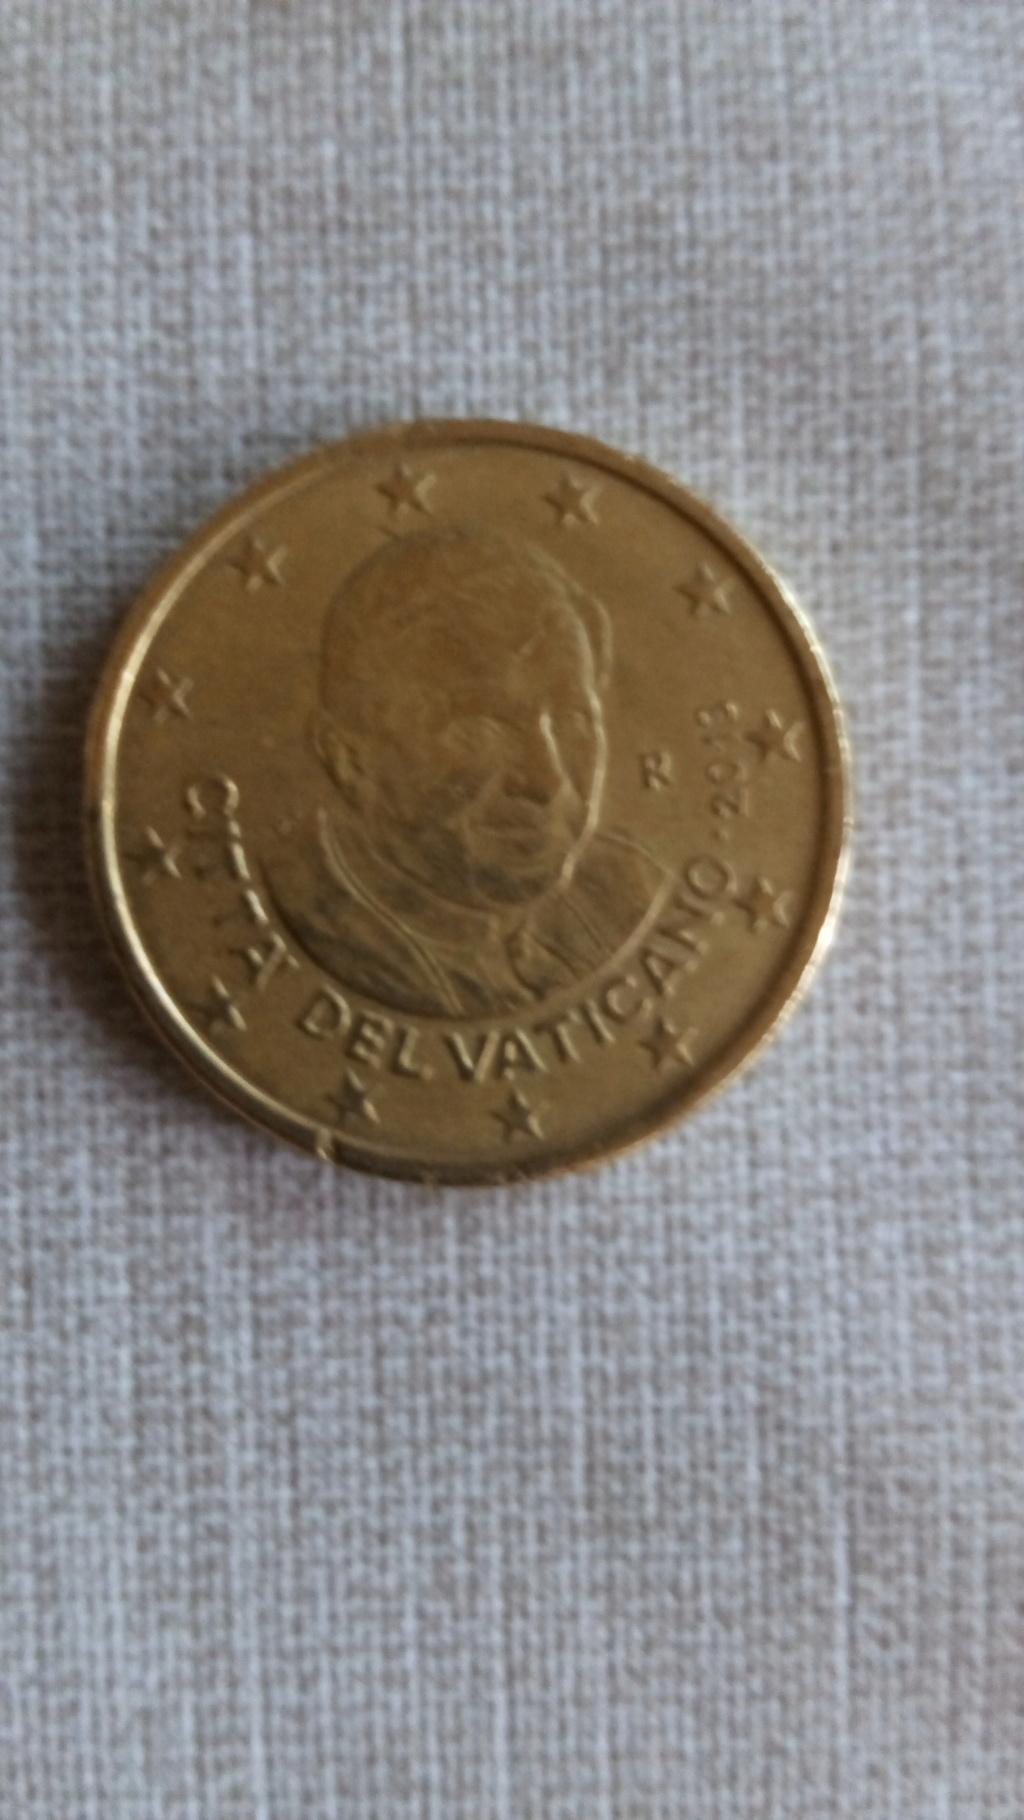 Moneda más rara encontrada en el cambio - Página 23 Img-2022